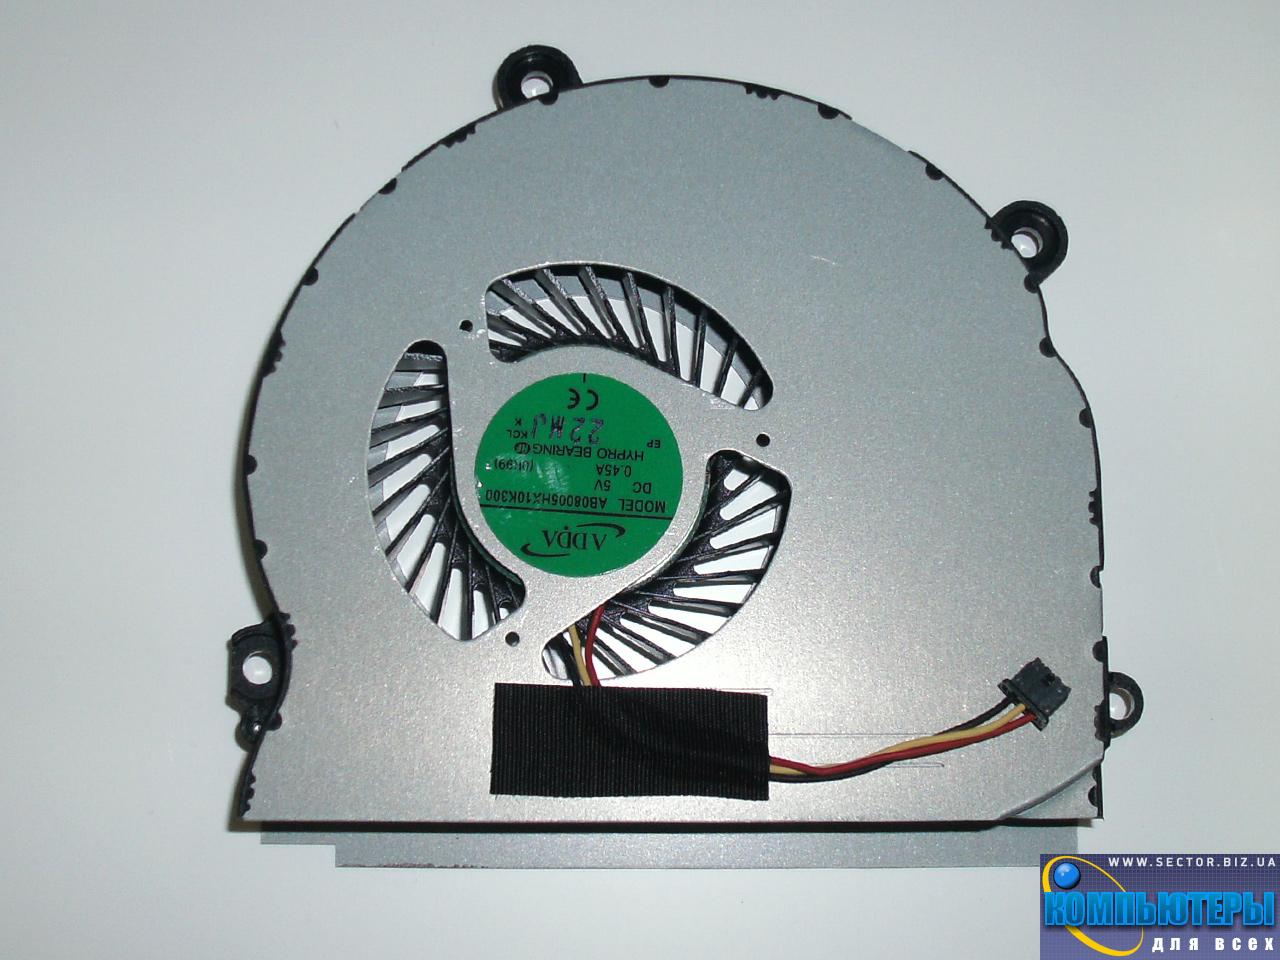 Кулер к ноутбуку Samsung NP355V4X NP355V4C NP350V5C NP355V5X p/n: AB08005HX10K300. Фото № 3.